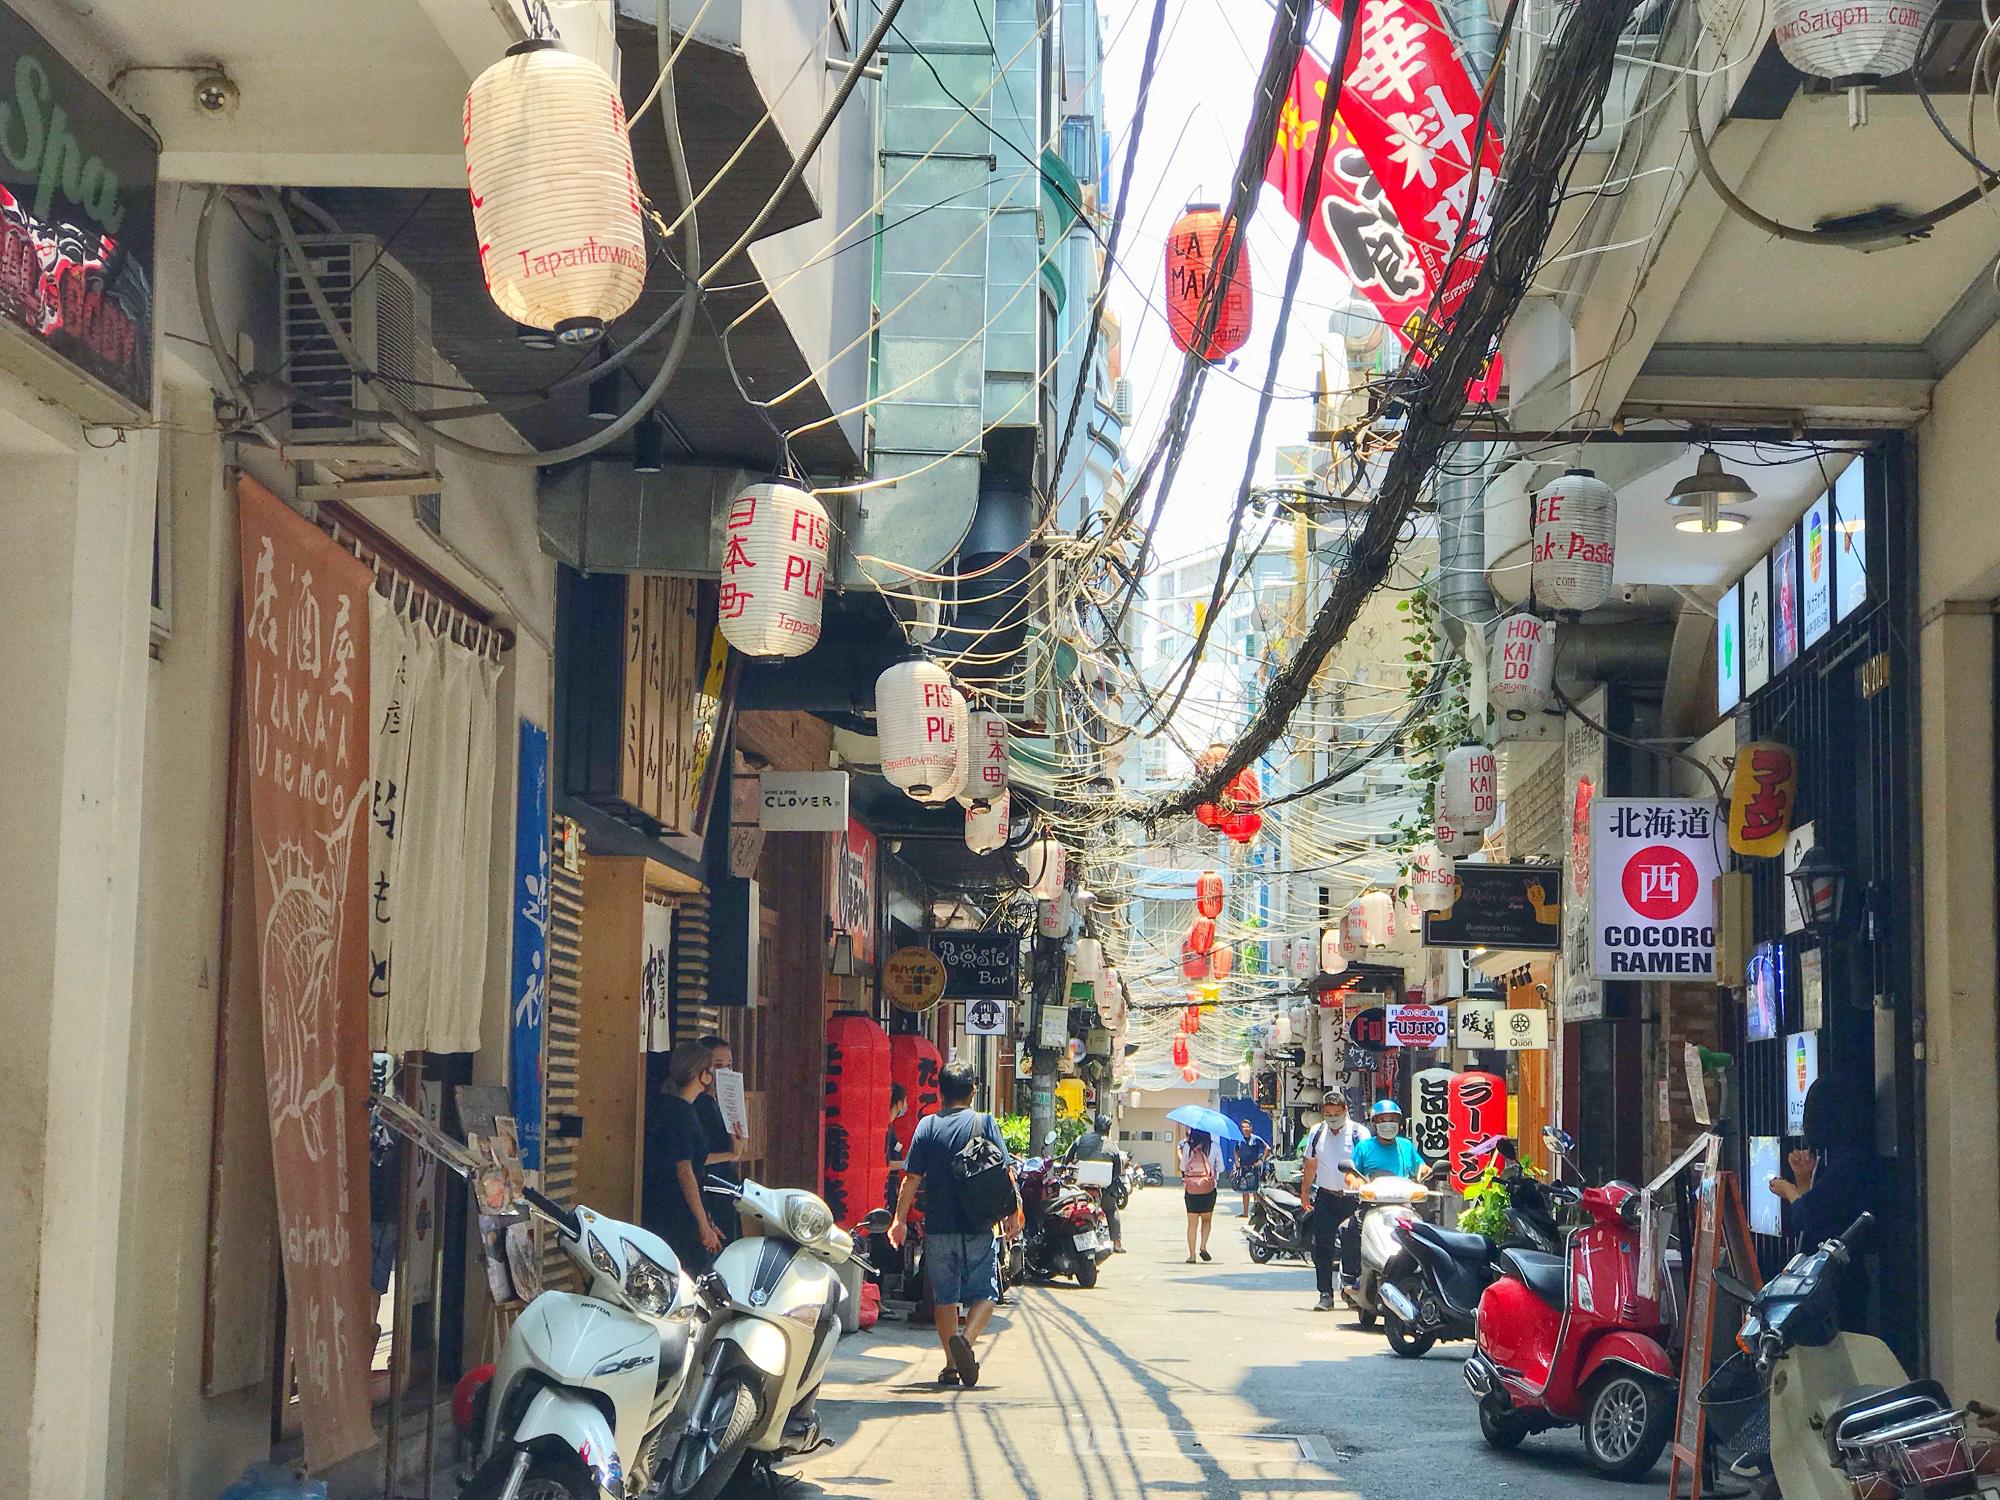 Các điểm du lịch tại TP.HCM vắng hoàn toàn sau quyết định dừng nhập cảnh người nước ngoài vào Việt Nam - Ảnh 15.